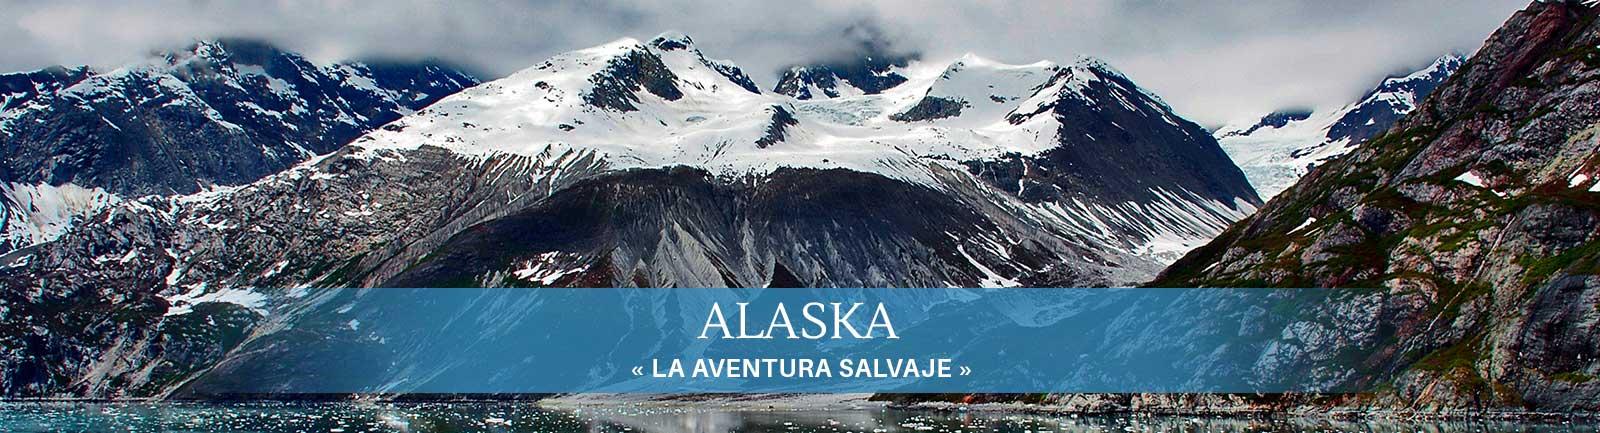 Destino Alaska